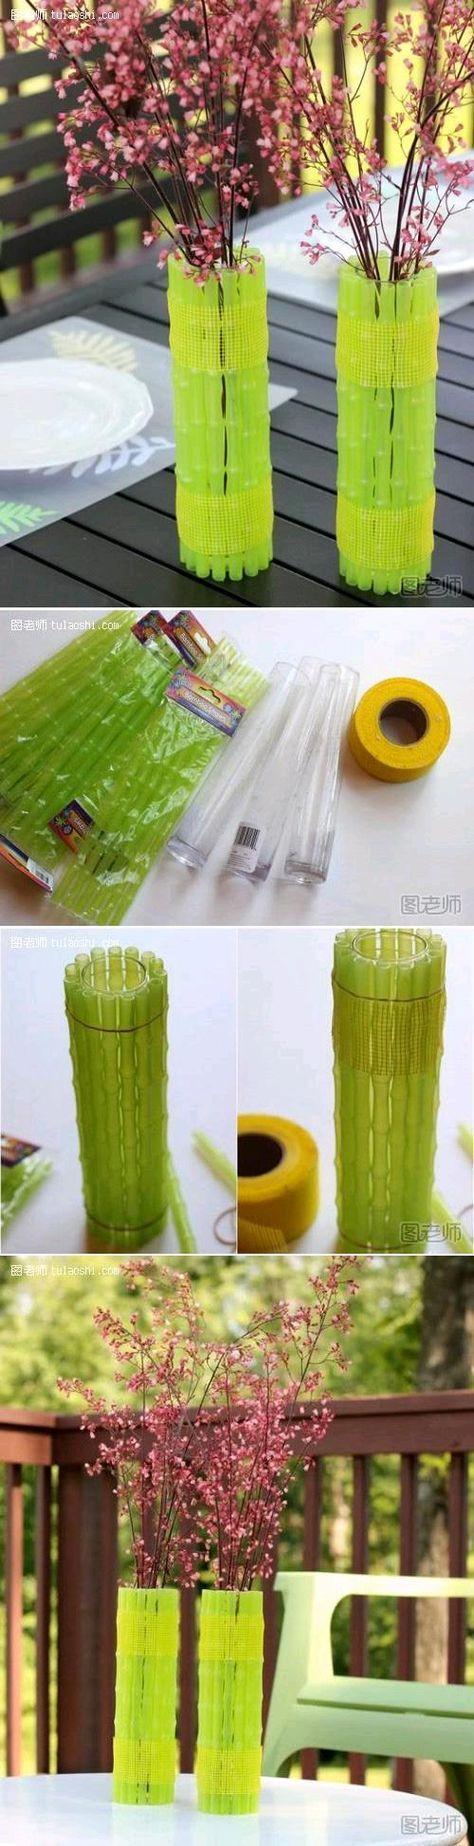 DIY PLASTIC STRAW VASE